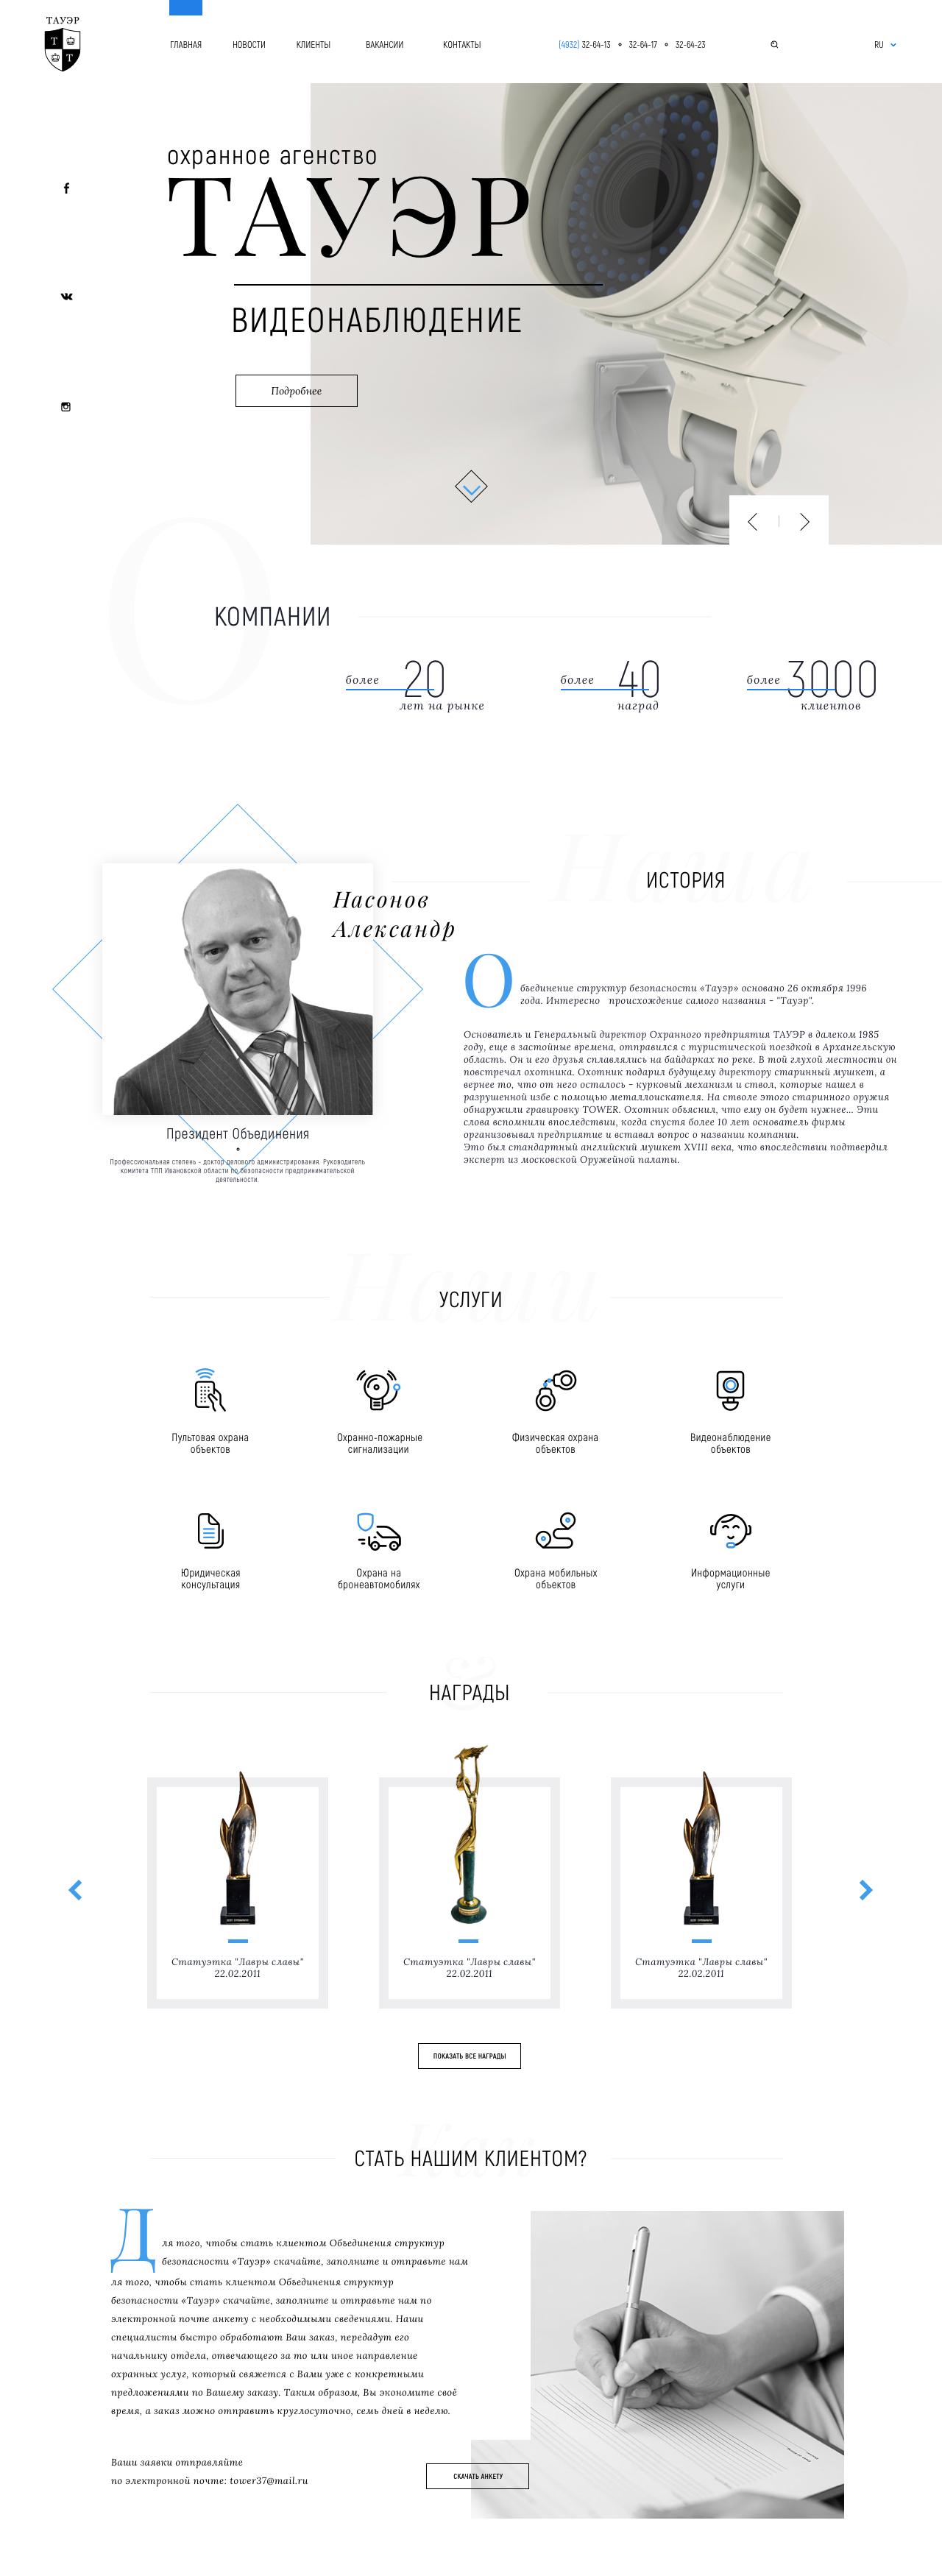 Редизайн существующего сайта компании (ЗАВЕРШЁН) фото f_13258fa58c8dca1c.jpg